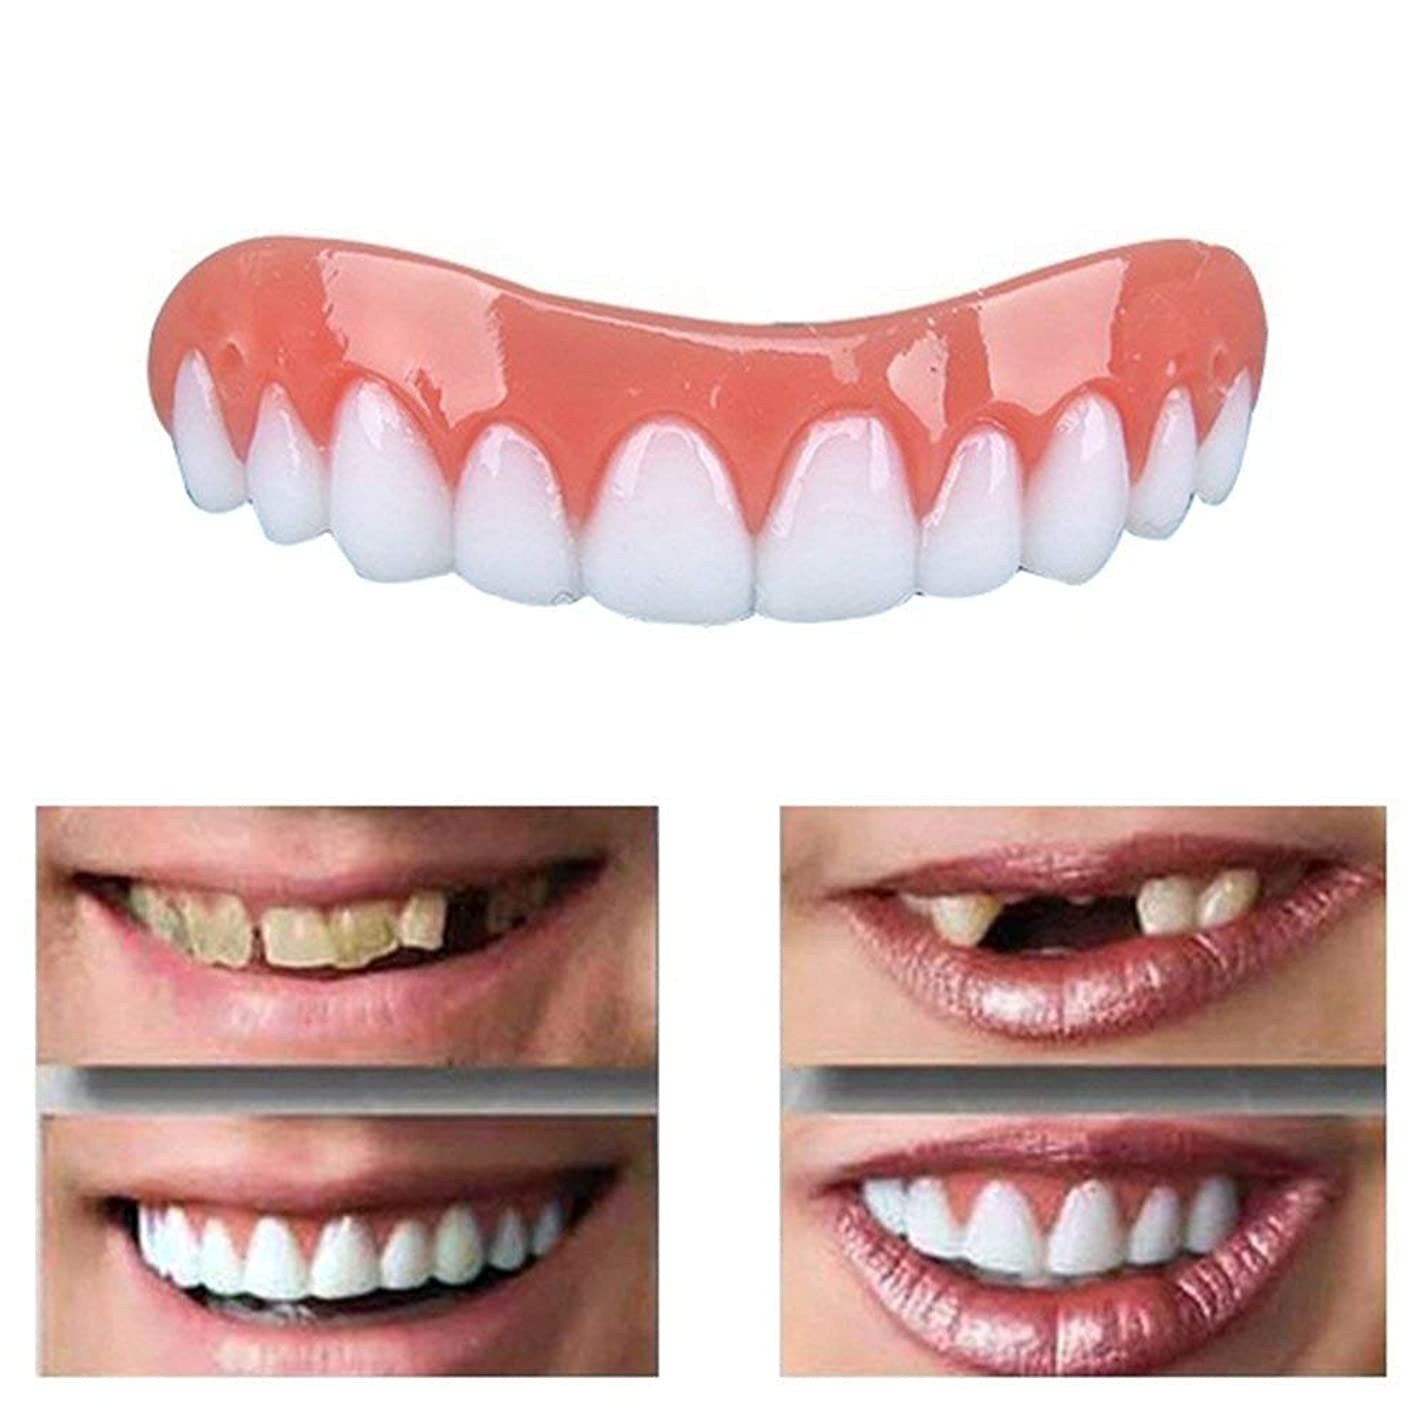 ウールブルーベル殺人者6Pcs安全で即刻の微笑の化粧品の快適で再使用可能な大人の上部義歯